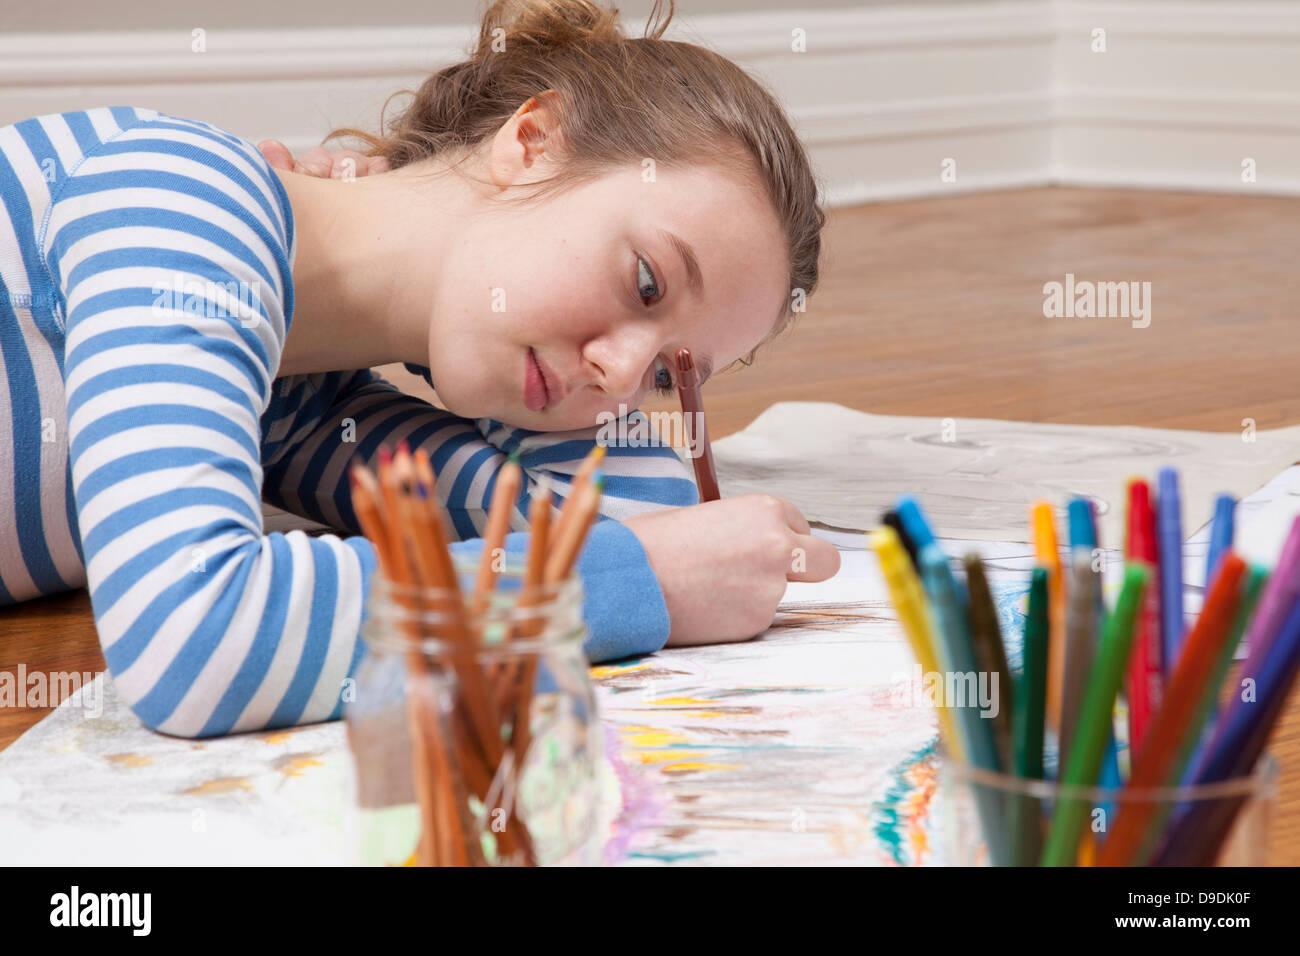 Ragazza giacente sul piano immagine di disegno Immagini Stock